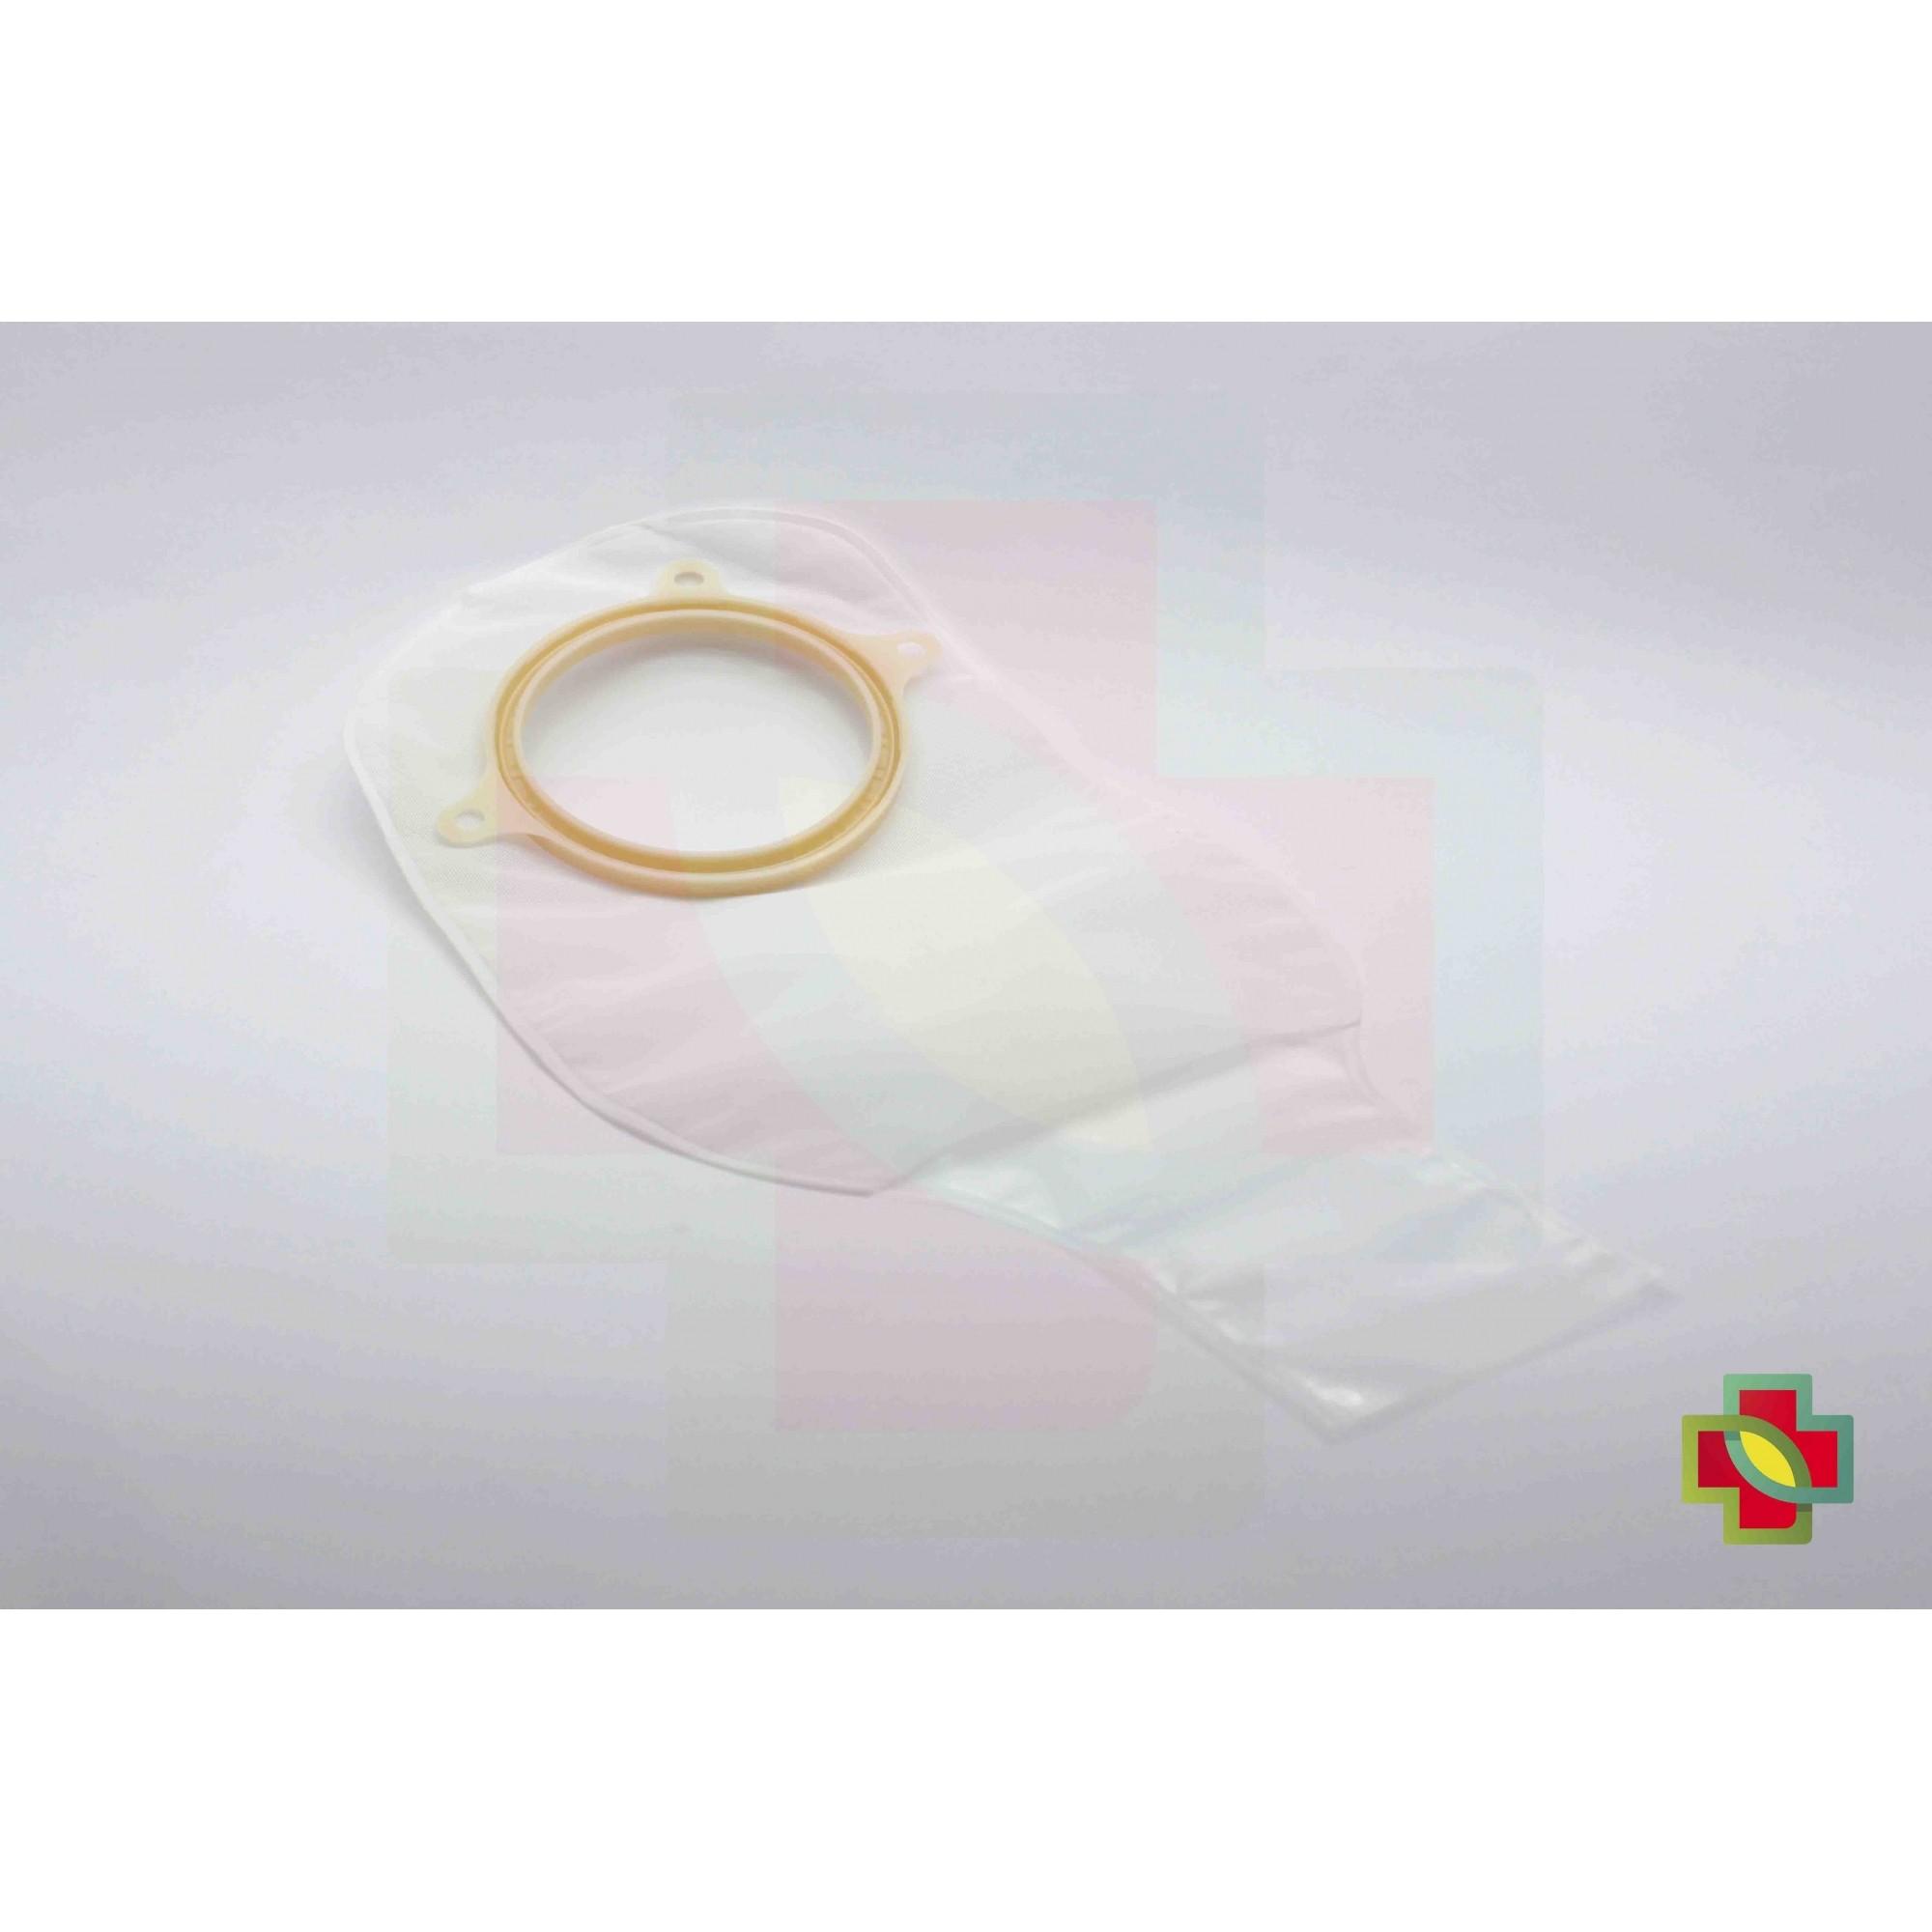 BOLSA DE COLOSTOMIA SUR-FIT PLUS 2 PEÇAS DRENÁVEL TRANSP.70MM (C/10 UNDS) 401604 - CONVATEC